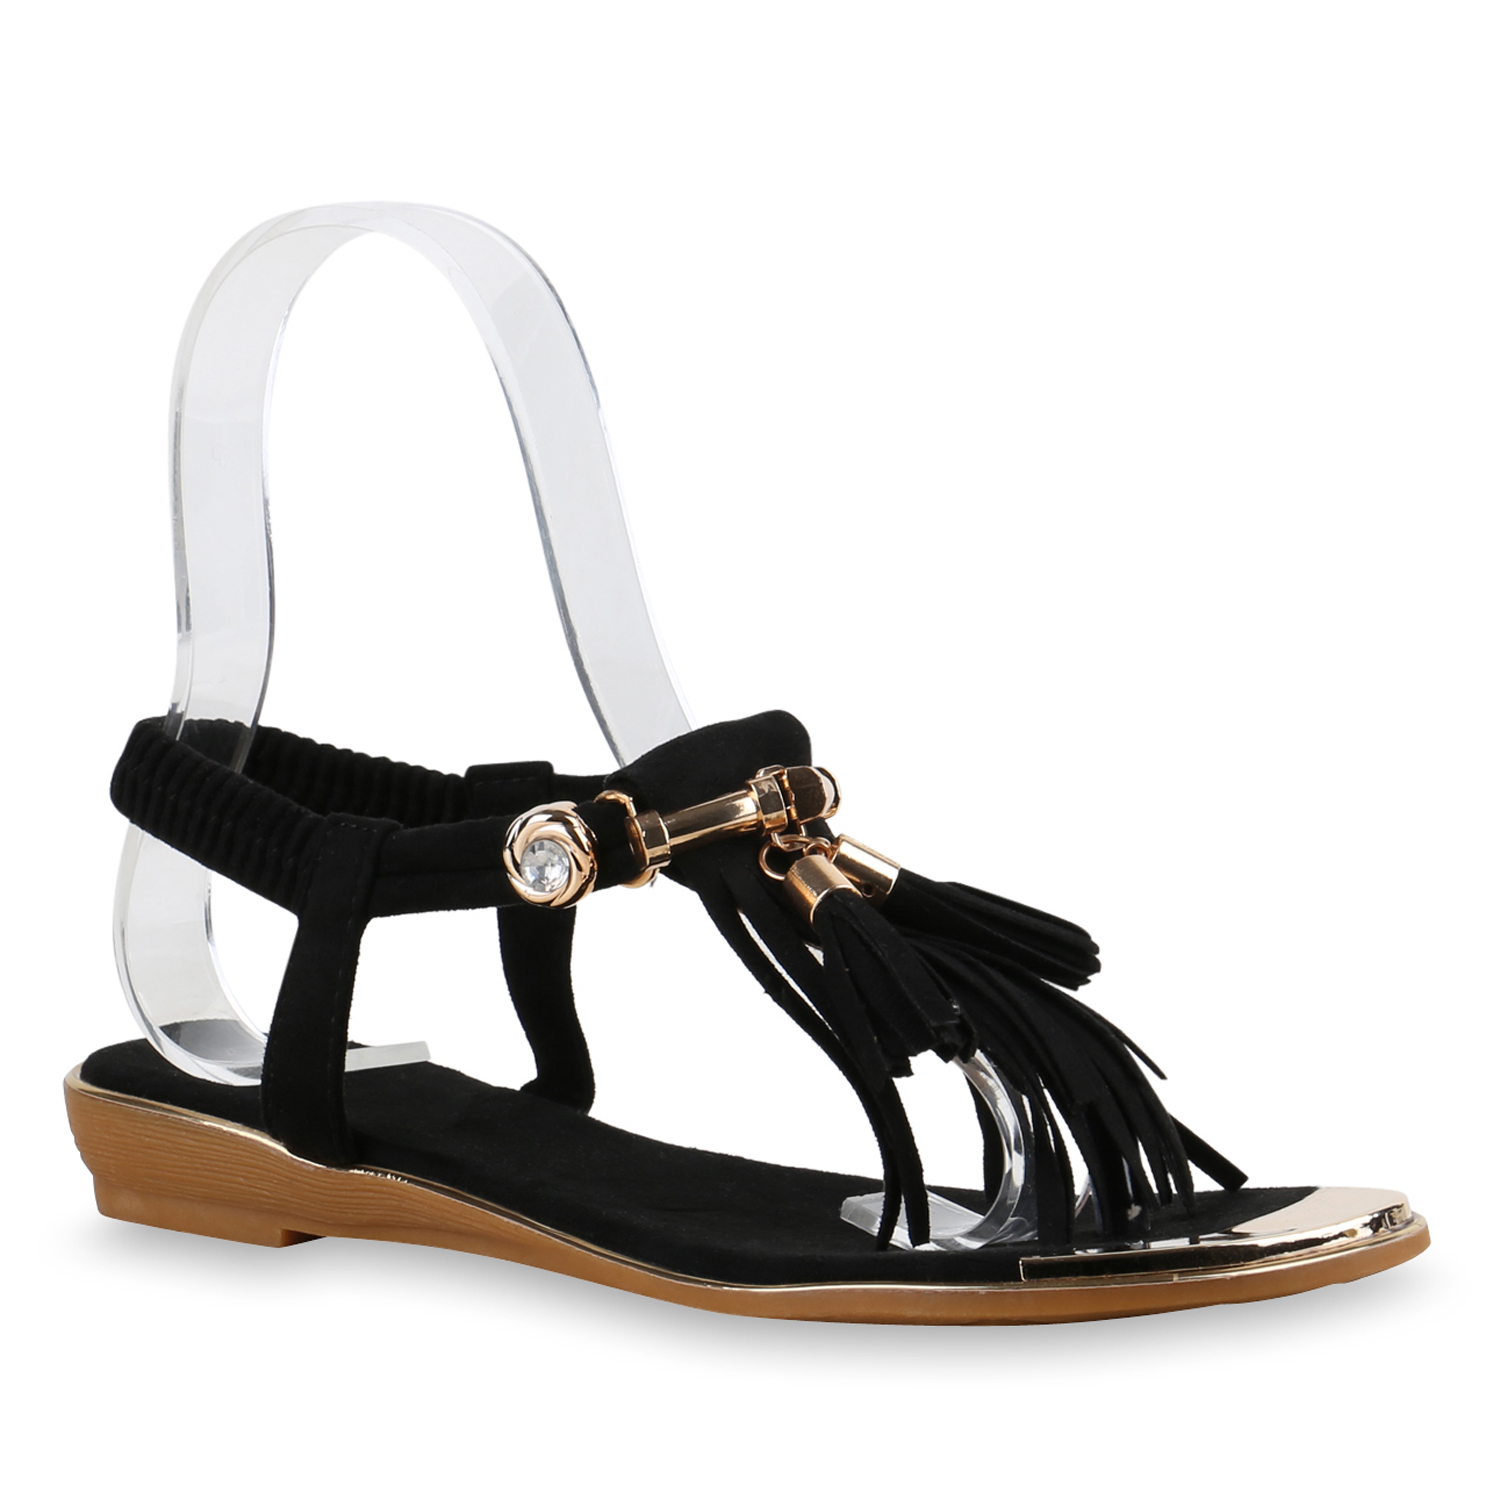 modische damen fransen sandalen quasten zehentrenner 815986. Black Bedroom Furniture Sets. Home Design Ideas